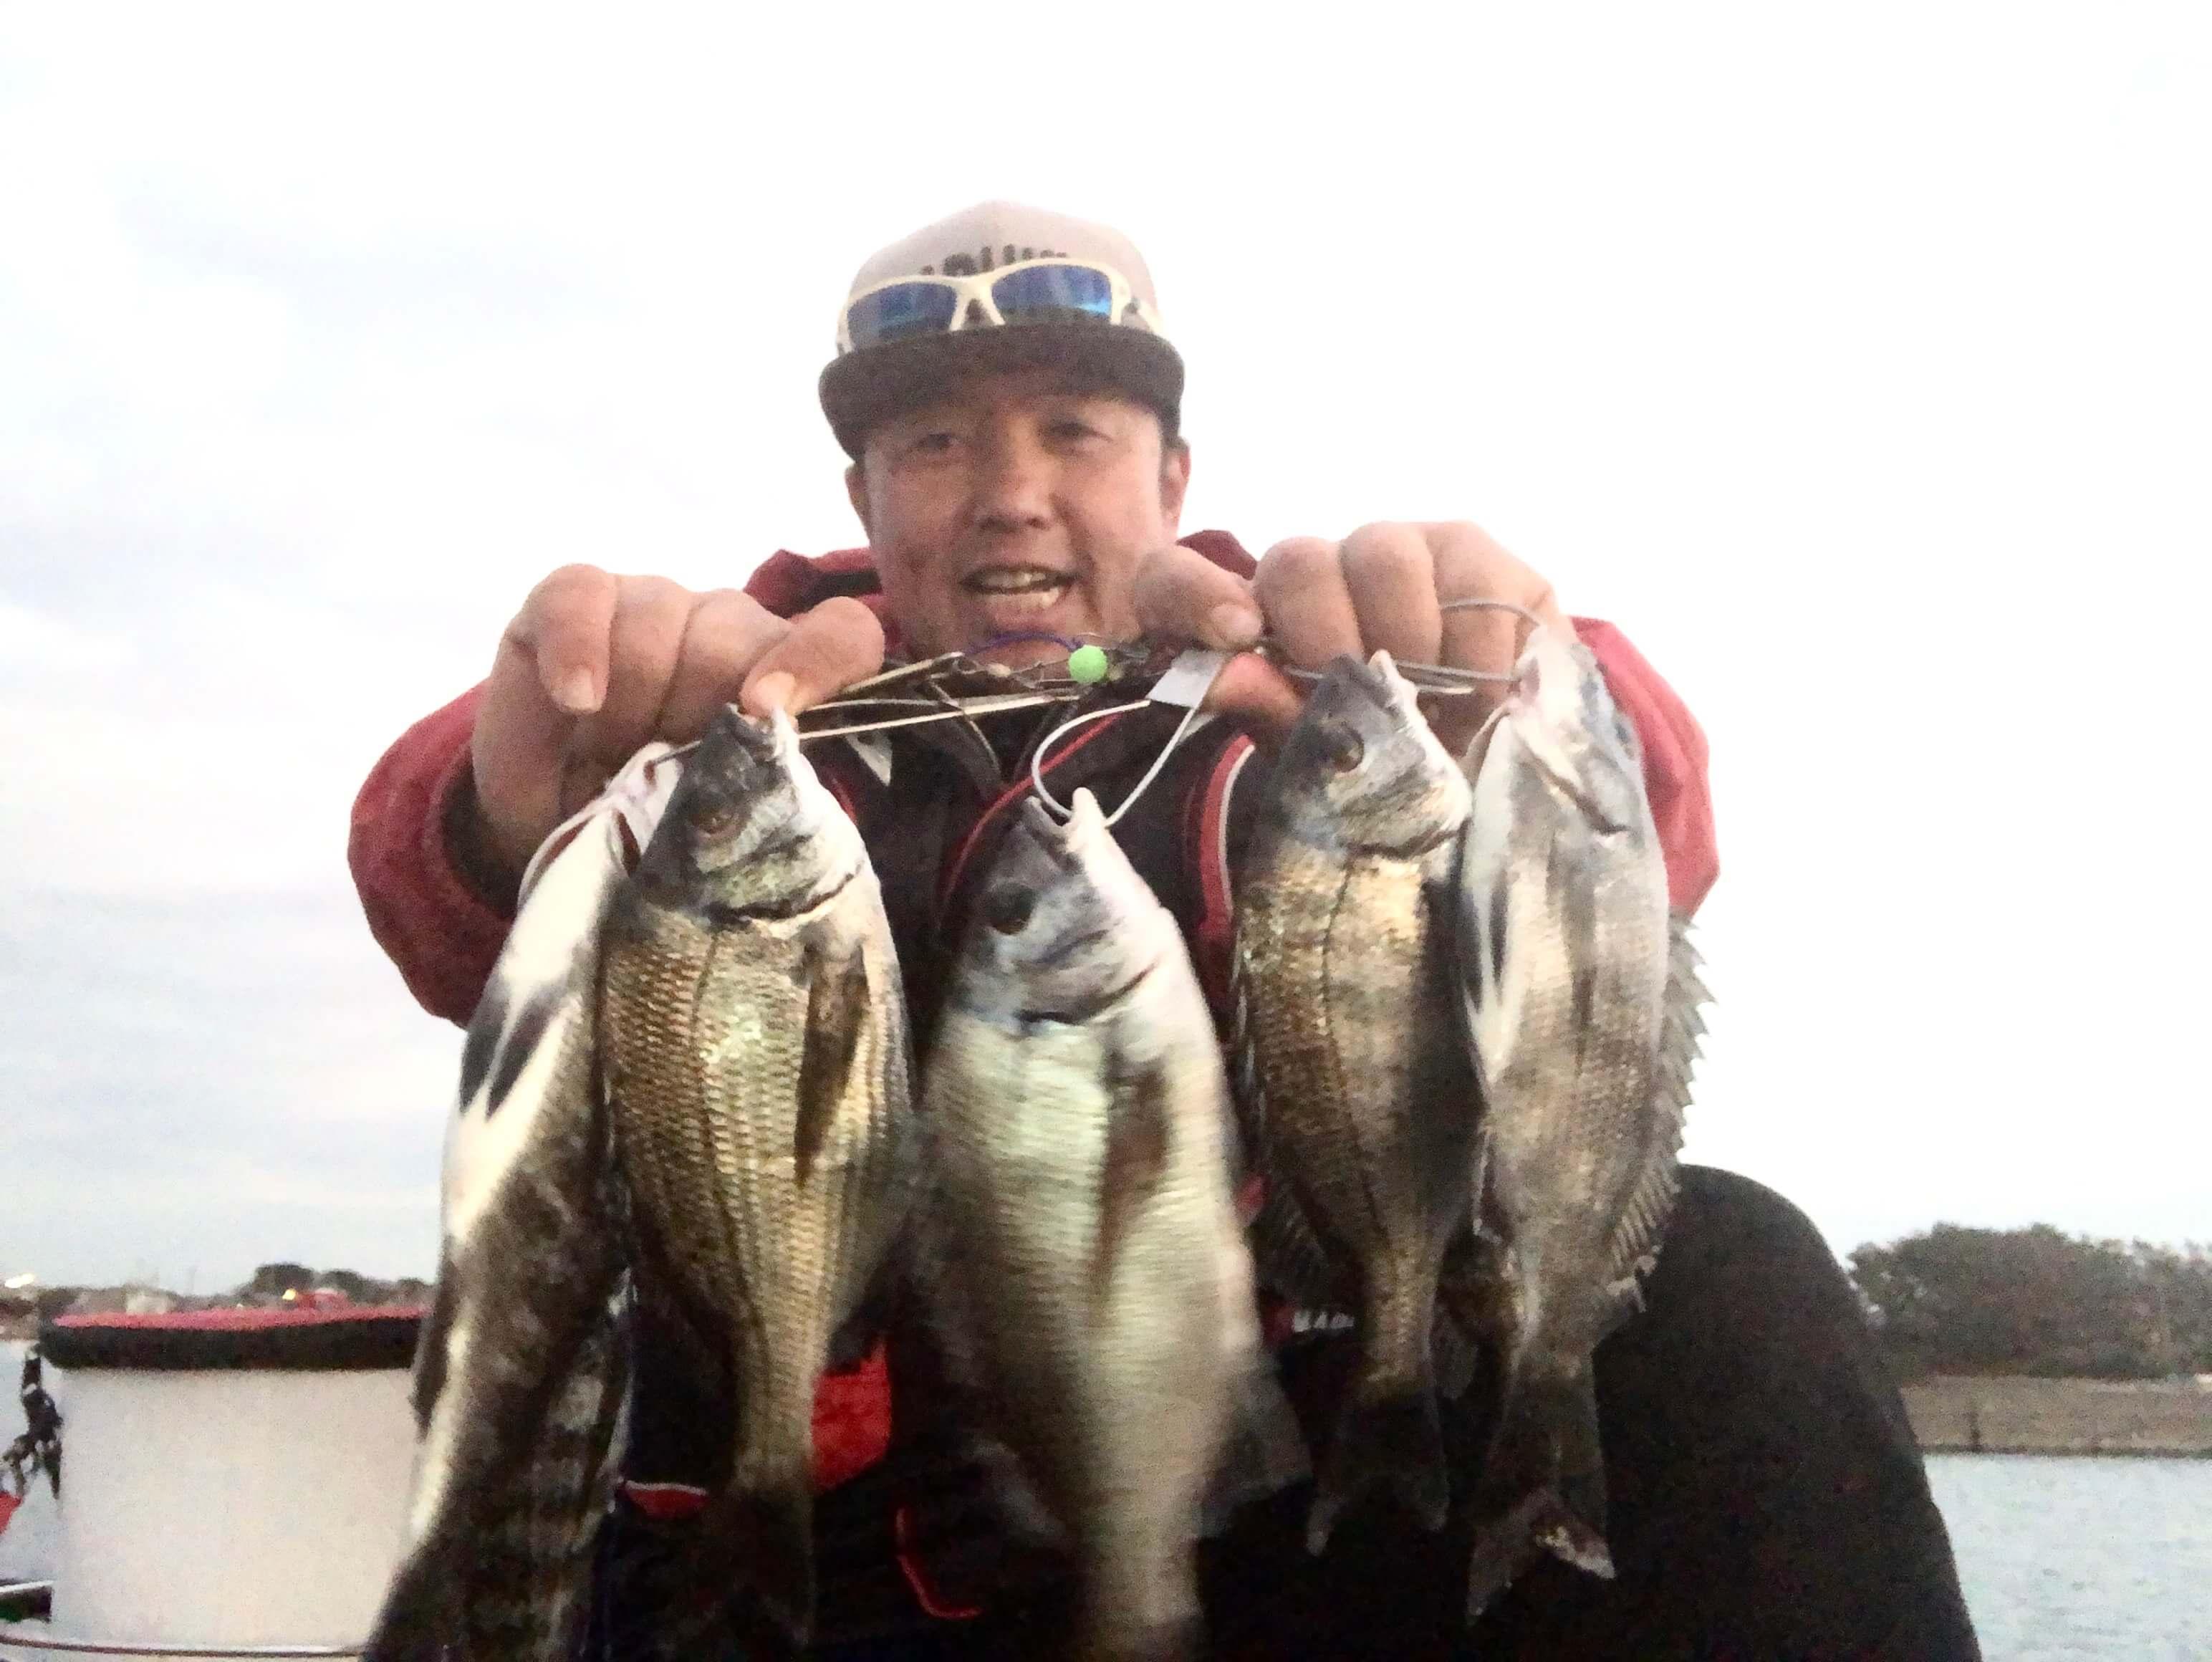 2020年01月12日(日曜日)|クロダイ・チヌ(ウキダンゴ釣り)|静岡県 – 浜名湖 |ウキ紀州・ダンゴ|フィールドスタッフ佐々木 博司